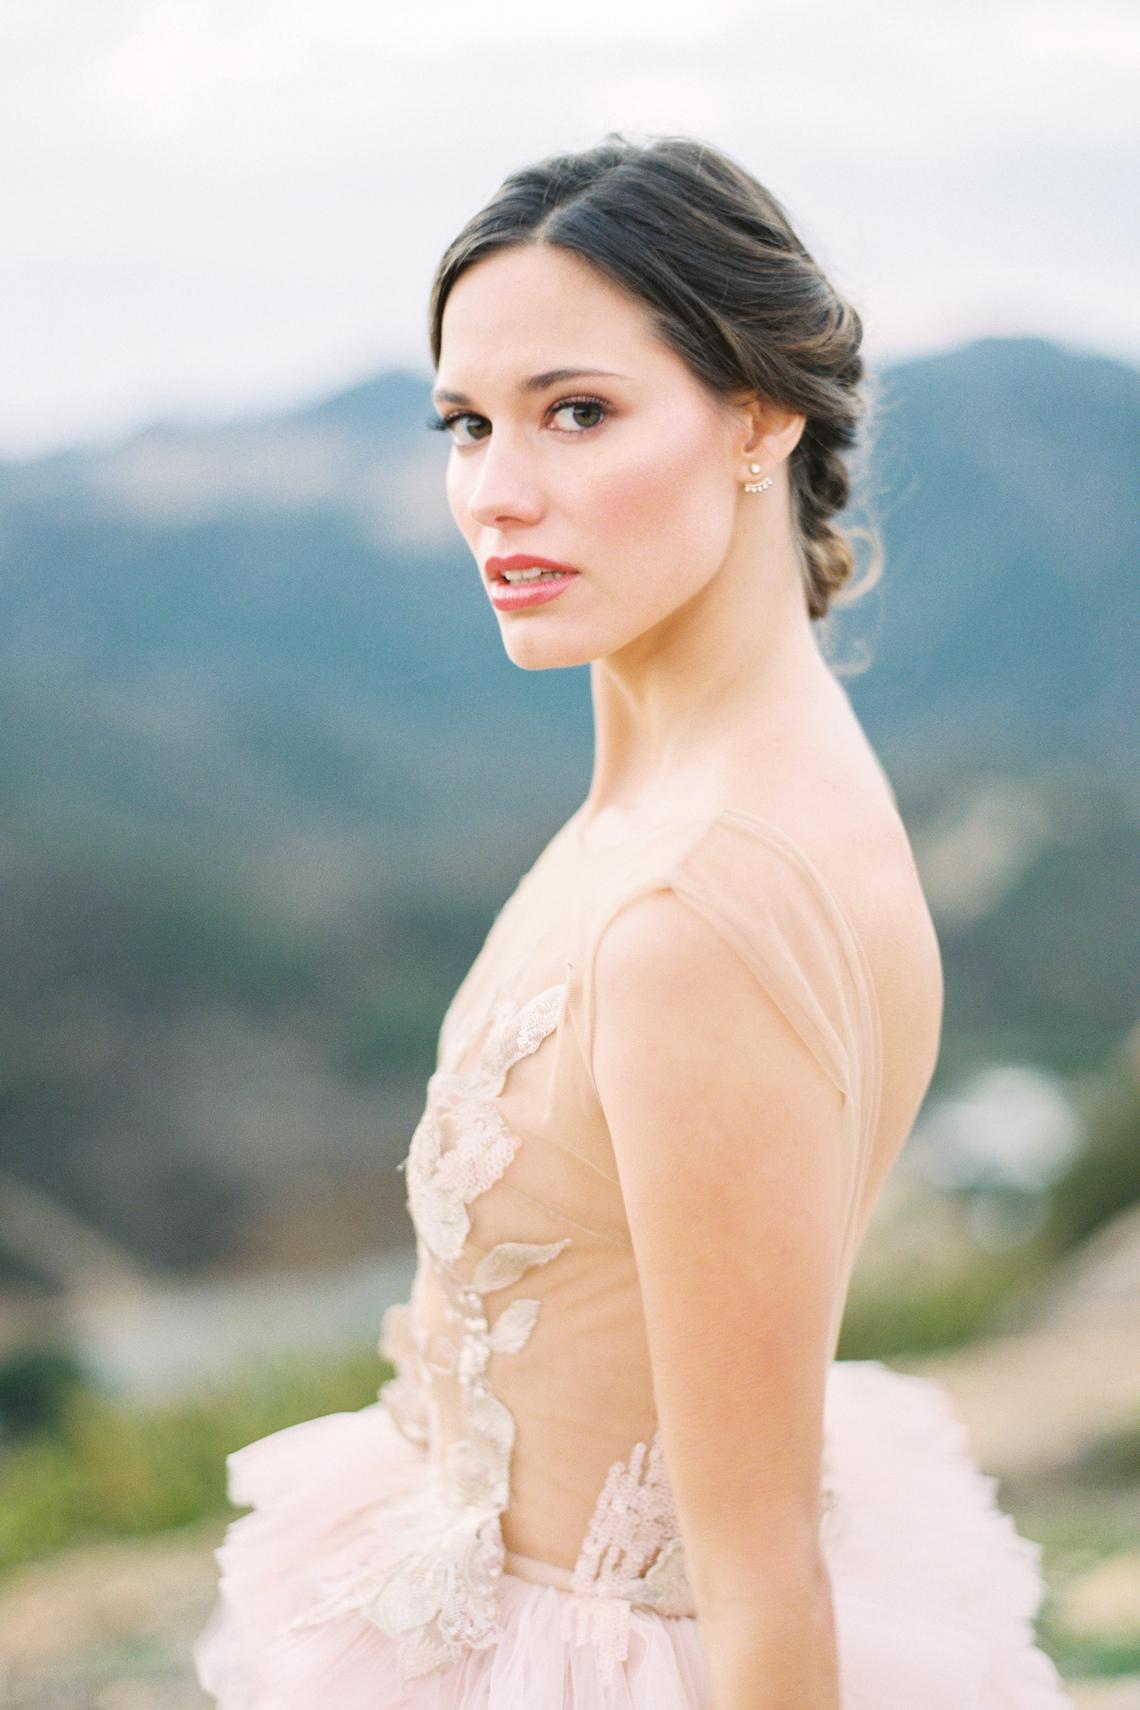 Malibu Wedding Inspiration With A Ruffled Pink Dress | Pura Vida Photography 40